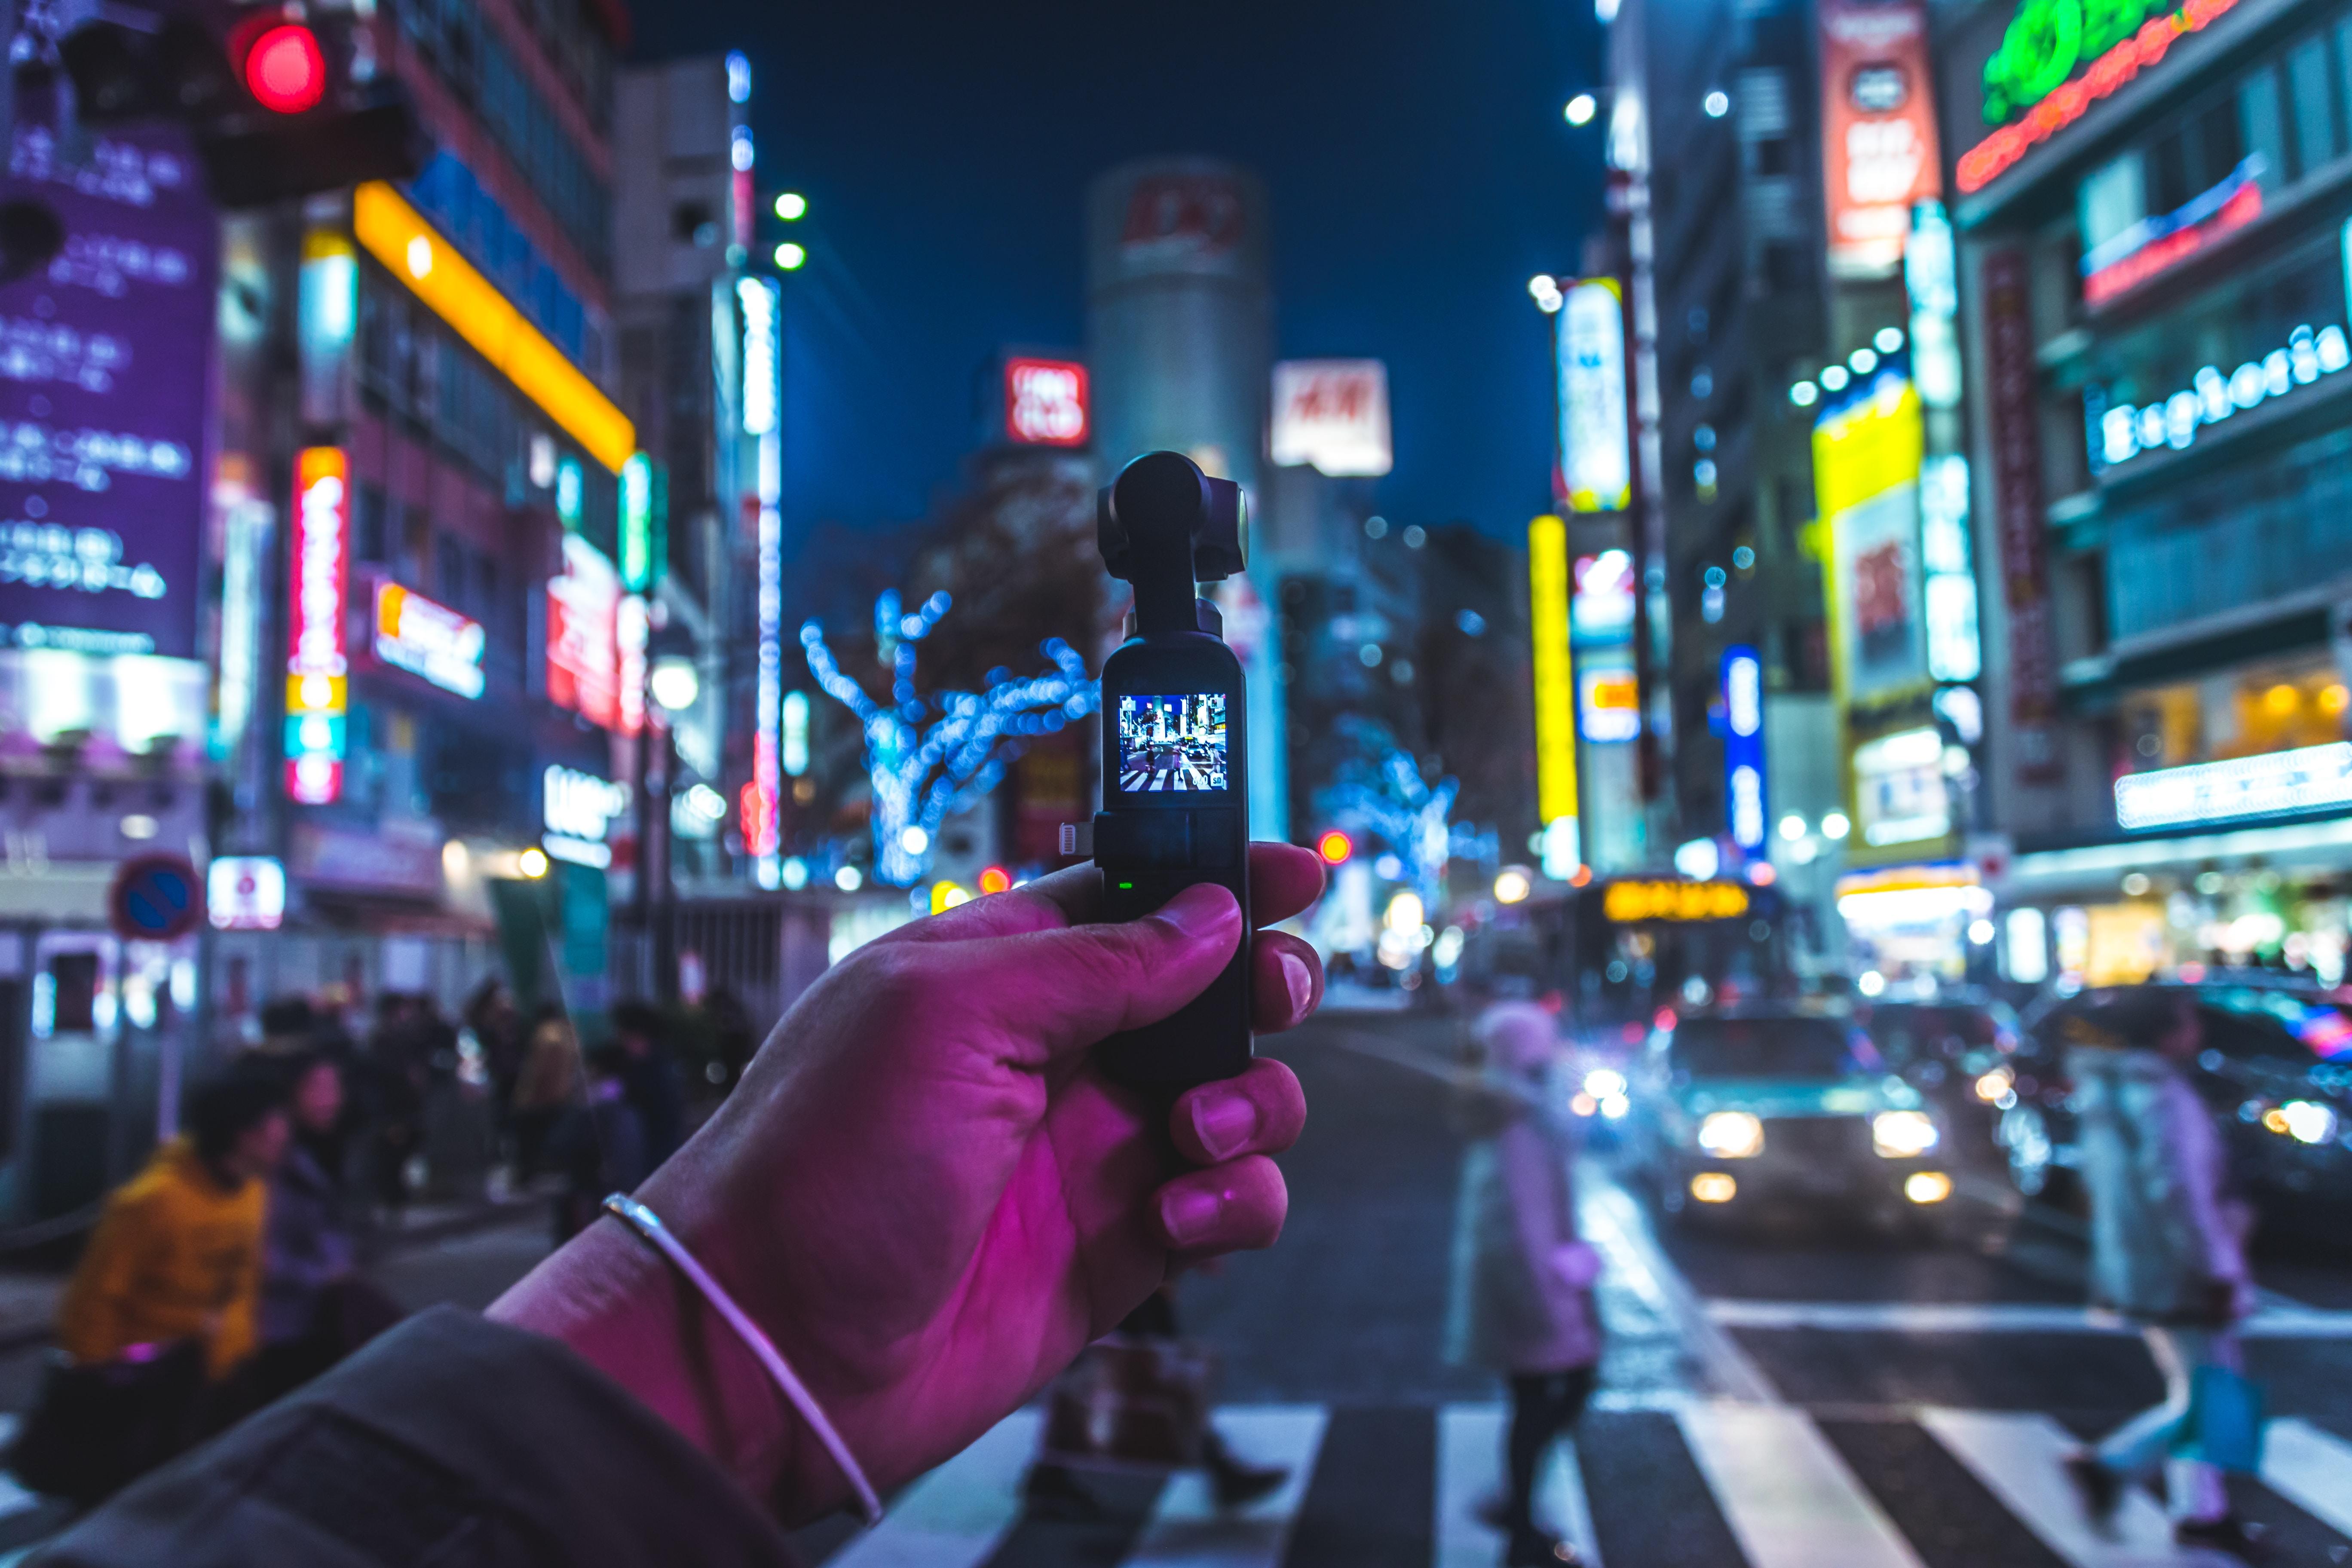 """from my point of view : Shooting photos and videos with DJI Osmo Pocket.. Osmo Pocket Review >https://koukichi-t.com/archives/tag/osmo-pocket-%E3%83%AC%E3%83%93%E3%83%A5%E3%83%BC / Youtube https://www.youtube.com/playlist?list=PLxZaRouXBV8rjXUmKOsxFok4cwH6-mDx- / Instagram https://www.instagram.com/kt.pics/ I'm so happy you put my credit.and If you let me know when you use my photos, I'm introduce on my Instagram, blog, etc;) Requests for work. Please contact me via message or Instagram DM.and more photo and vidoes Search \"""" style=""""max-width: 400px;""""></span> 【New Balance(ニューバランス)】のKidsロゴバックパックは、幼児年長~小学低学年ぐらいにぴったりのサイズです。 また、遠足なアウトドアでリュックを使う場合は、長時間背負っていることもあります。林間学校などに使う場合はこちらの機能もチェックしてみるのもいいでしょう。機能性は抜群です!当時のデザインを踏襲しつつ、機能性をアップしています。便利な機能(チェストベルト・ 1つあると便利です。形もいいです。 また、ベルト着脱可能なスタッフバッグが付いており、アウトドアや1〜2泊程度の小旅行などにも便利です。高い機能性と丈夫な生地が有名な【OUTDOOR PRODUCTS(アウトドアプロダクツ)】。 ハーネスは付いていませんが、パッド入りのショルダーストラップで調節可能です。 キッズ用として使うならヒモを調節して使いましょう。 2021年も新作が登場! こちらは新作春物のアイテム。子どもの成長に合ったキッズ小物が見つかる! また淡いカラーなので、お揃いで着ていてもそんなに目立つことがなく、親子でお揃いはちょっと恥ずかしい、、と思っている方でも挑戦しやすいと思います。同性同士の兄弟、姉妹の場合、狙いすぎないことがポイントです。 10cm~28cmのサイズ・カラー展開が幅広いので、親子、兄弟姉妹でお揃いが楽しめます。</p> <p>年の差兄妹でもお揃いで着れる!今までは無地系ばかりを選んできたので、今年はワンポイントのあるお洒落なトレーナーに挑戦したいのでお勧めを教えてください!落ち着いたカラーなので子供っぽくなりすぎないところも魅力のひとつ。子供達にも人気で我が家はボディバックの使用頻度が高いです。小柄で身長100cmほどですが、少し大きいかなという程度で問題ありません。強度の高い素材を使用し、ショルダーハーネスでしっかりと体にフィット! そのため、背中部分は通気性の良い素材であったり、雨に強いナイロン素材など、素材もしっかりチェックしておきましょう。 ポリエステル製で汚れにくく軽い素材なので、アクティブなキッズにぴったり!手軽に履けるスリッポンタイプのレザースニーカーです。カーフレザー素材の光沢感に、エッジのきいたボックストゥなどが特徴。両サイドにポケットも付いているので使い勝手もバツグン! この方法なら、お揃いのアイテムをわざわざ購入しなくても、手持ちのもので親子リンクコーデが楽しめそうだ。 ユニクロには、トレンド感のあるプリーツスカートや、女子力アップ間違いなしの花柄フレアスカート、楽ちんなのにかわいいマキシ丈スカートなど、スカートのラインナップも充実しています。女の子の服は、少女っぽい清楚なかわいらしさで満ちあふれています。男の子用キッズスニーカーおすすめの人気ブランドを紹介!</p> <p>小学生になる長男もパタゴニアの20Lのリュックを使用してるので並んで背負ってるとかわいいです。娘に買うつもりはなかったのですが、ちょうど大小のサイズがあったのでお揃いでプレゼントしました。彼らが我が子のために実際に購入&愛用して、本心から「これはいい!赤ちゃん用の冬用もこもこ靴下はとても可愛いので、親子のお揃いプレゼントにしたら、きっと喜んでもらえるはず。親子でお揃いのプレゼントにはどんな種類があるの? 4種類のカラー(ピンク・ブリーン・パープル・サックス)は女の子に人気があります。 <A href="""